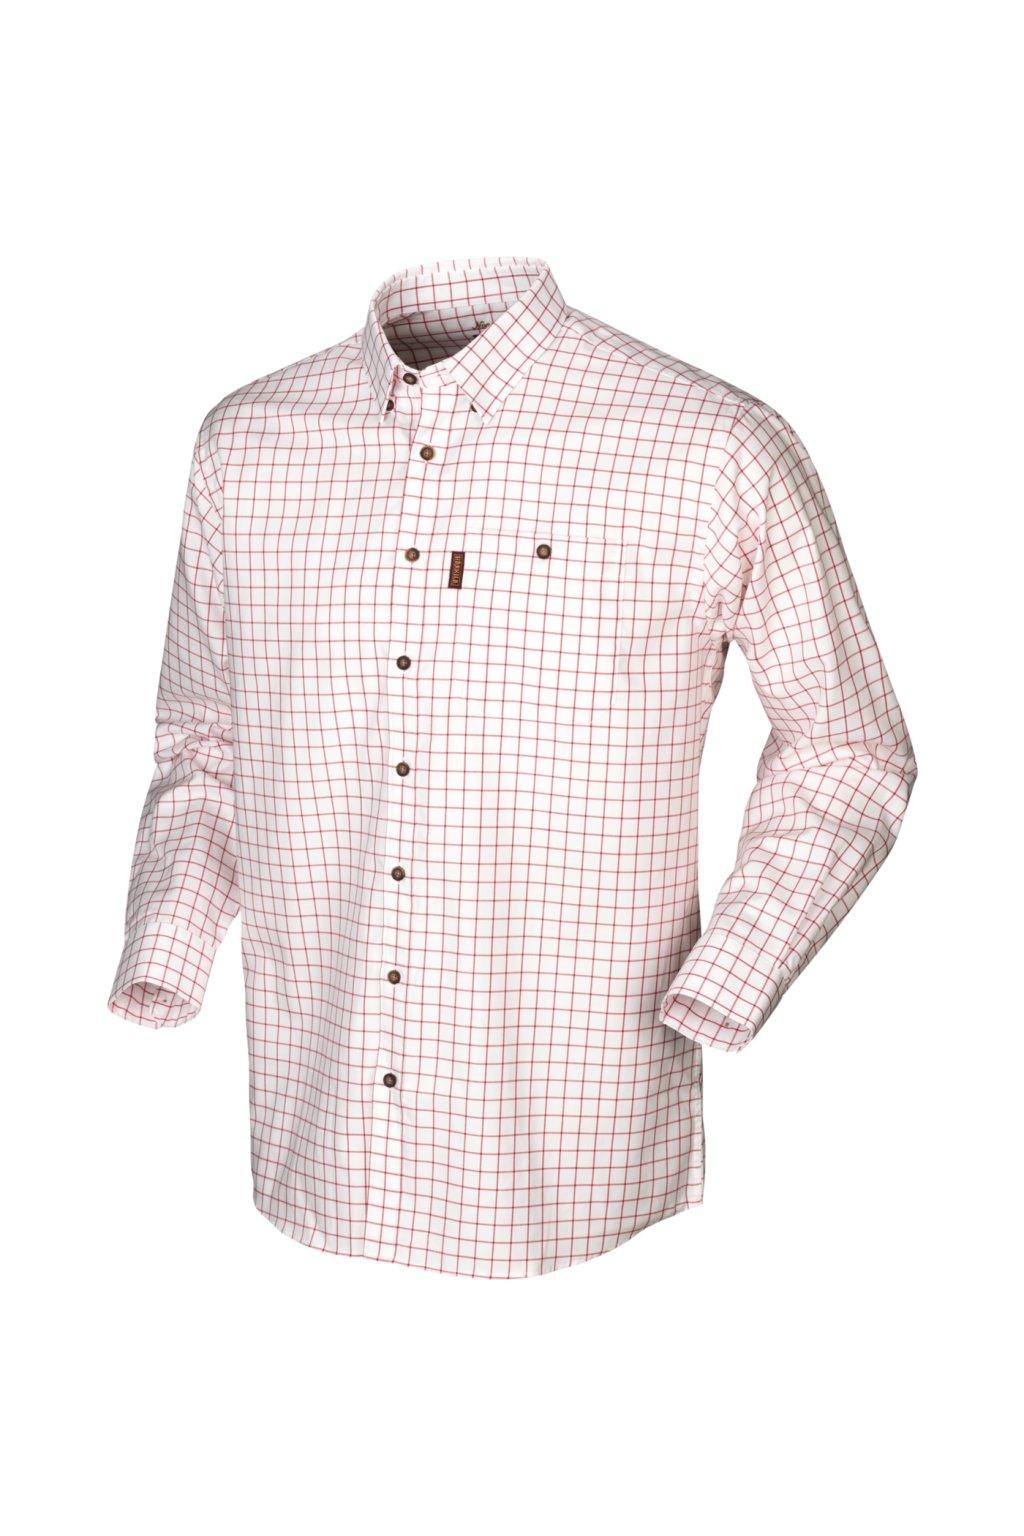 Härkila - Stenstorp skjorte košile s dlouhým rukávem barva Jester red